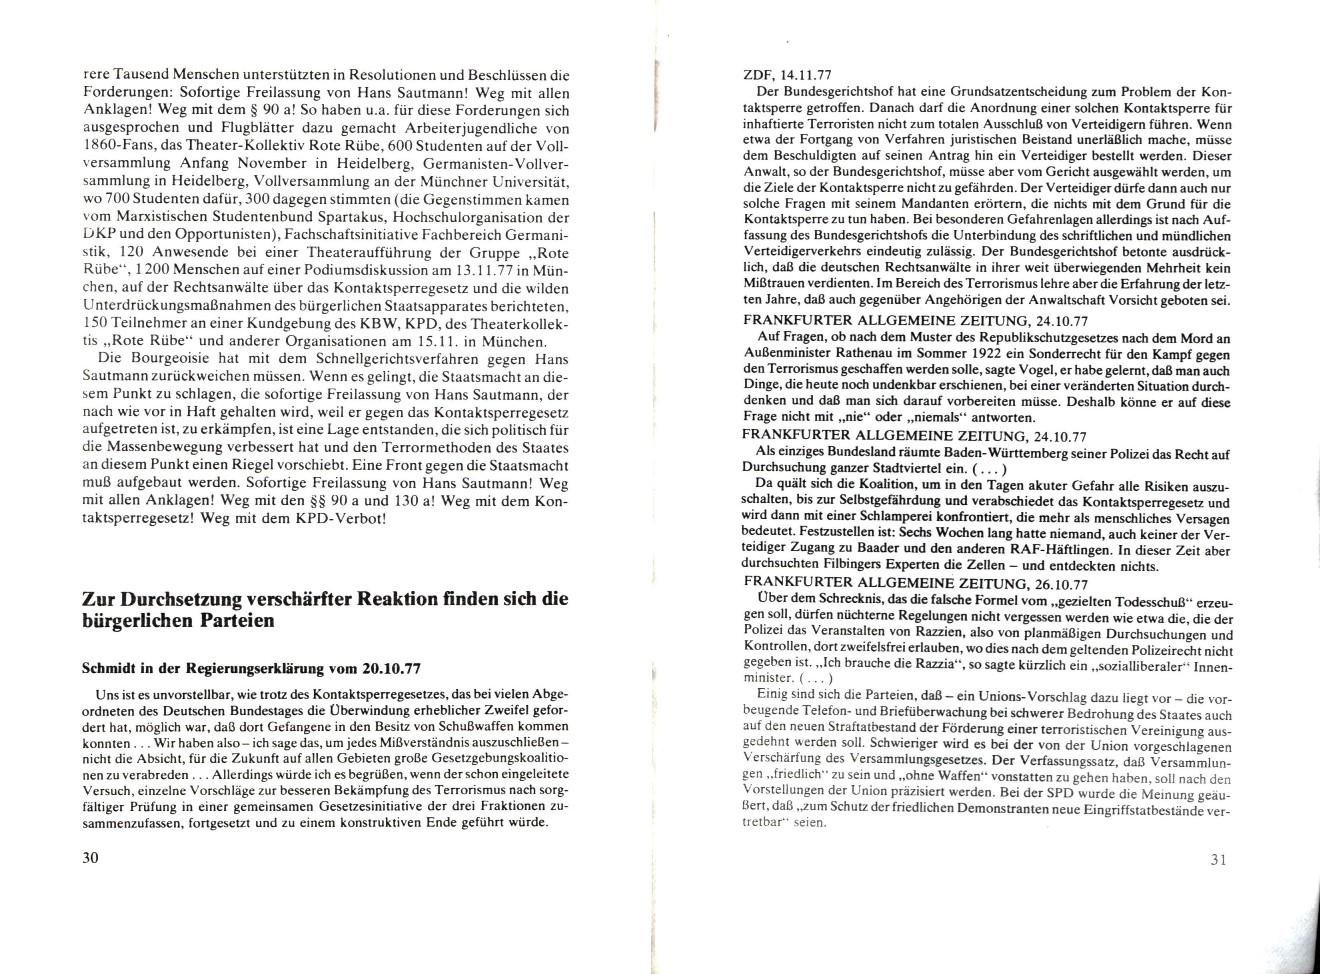 KBW_1977_Kontaktsperregesetz_16